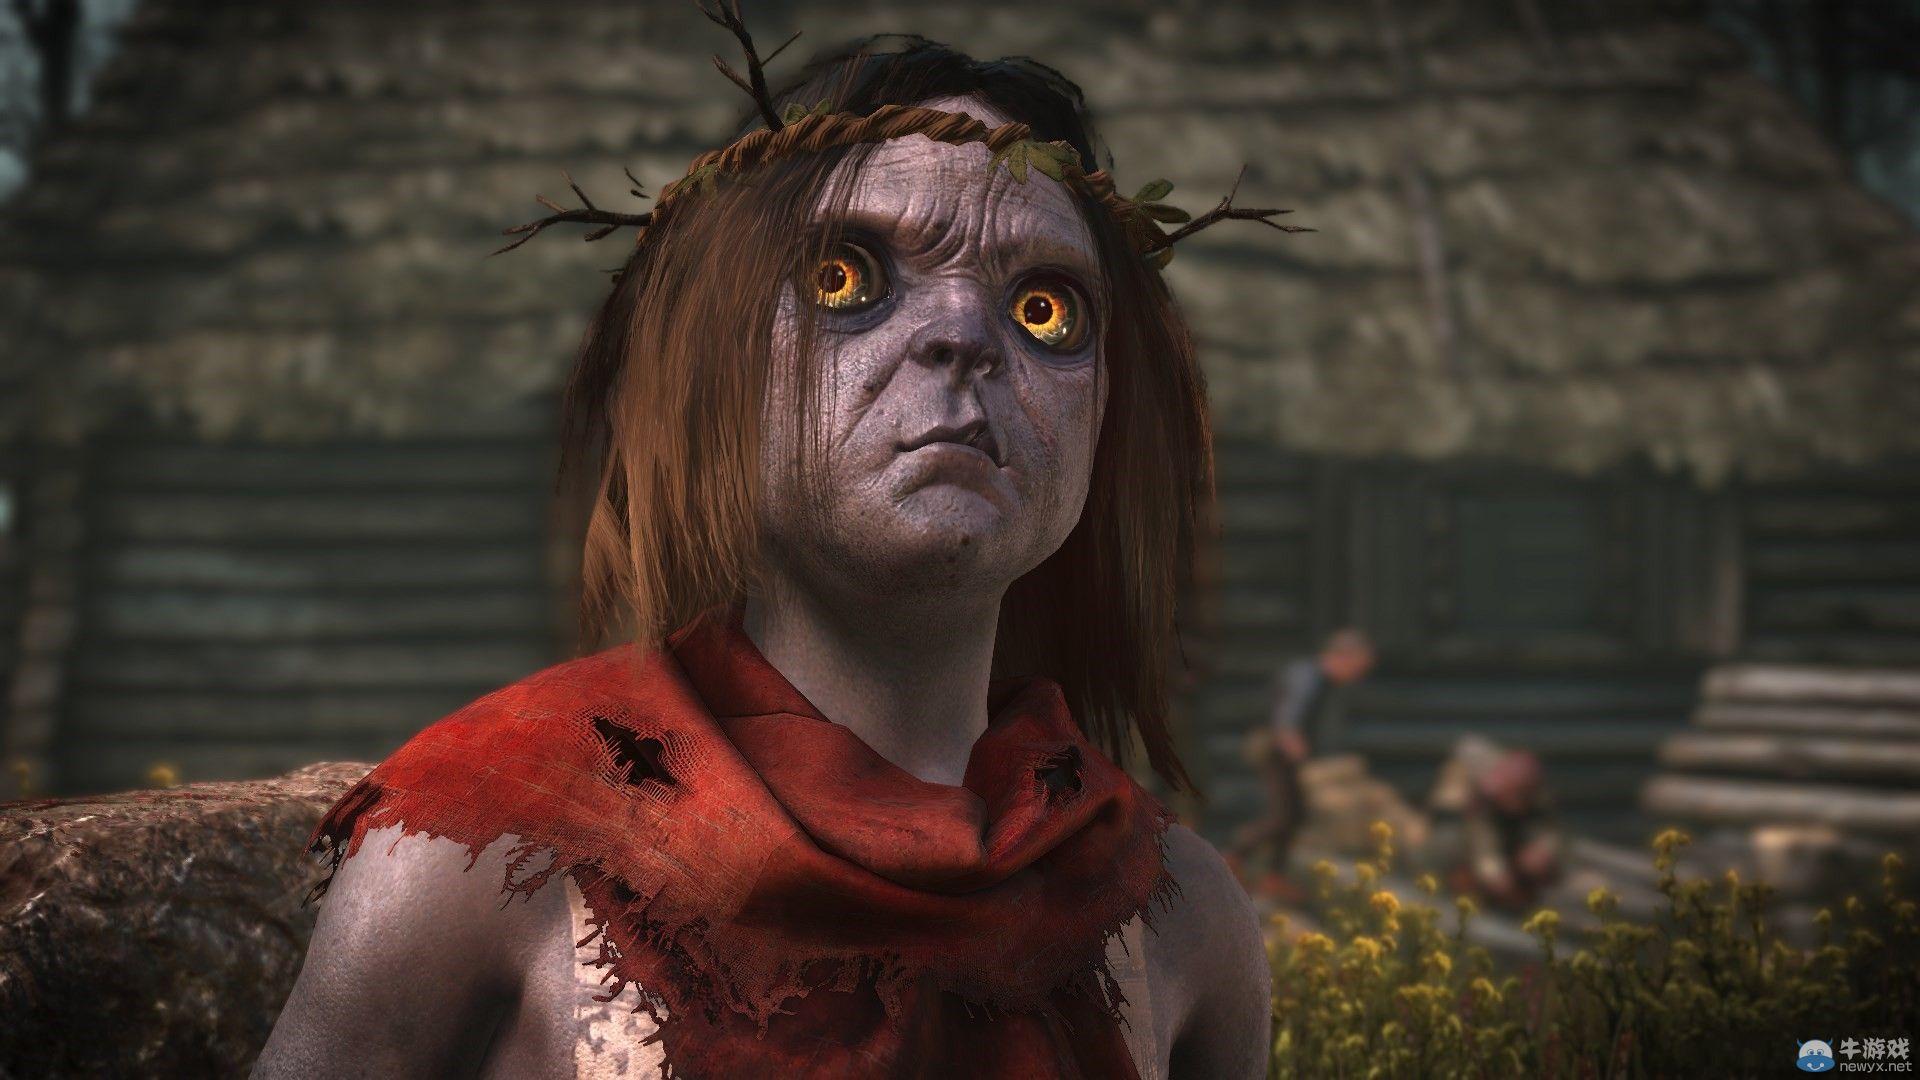 《巫师3:狂猎》(The Witcher 3: Wild Hunt)或降低在PS4和Xbox One上运行的分辨率:无法实现全程高清